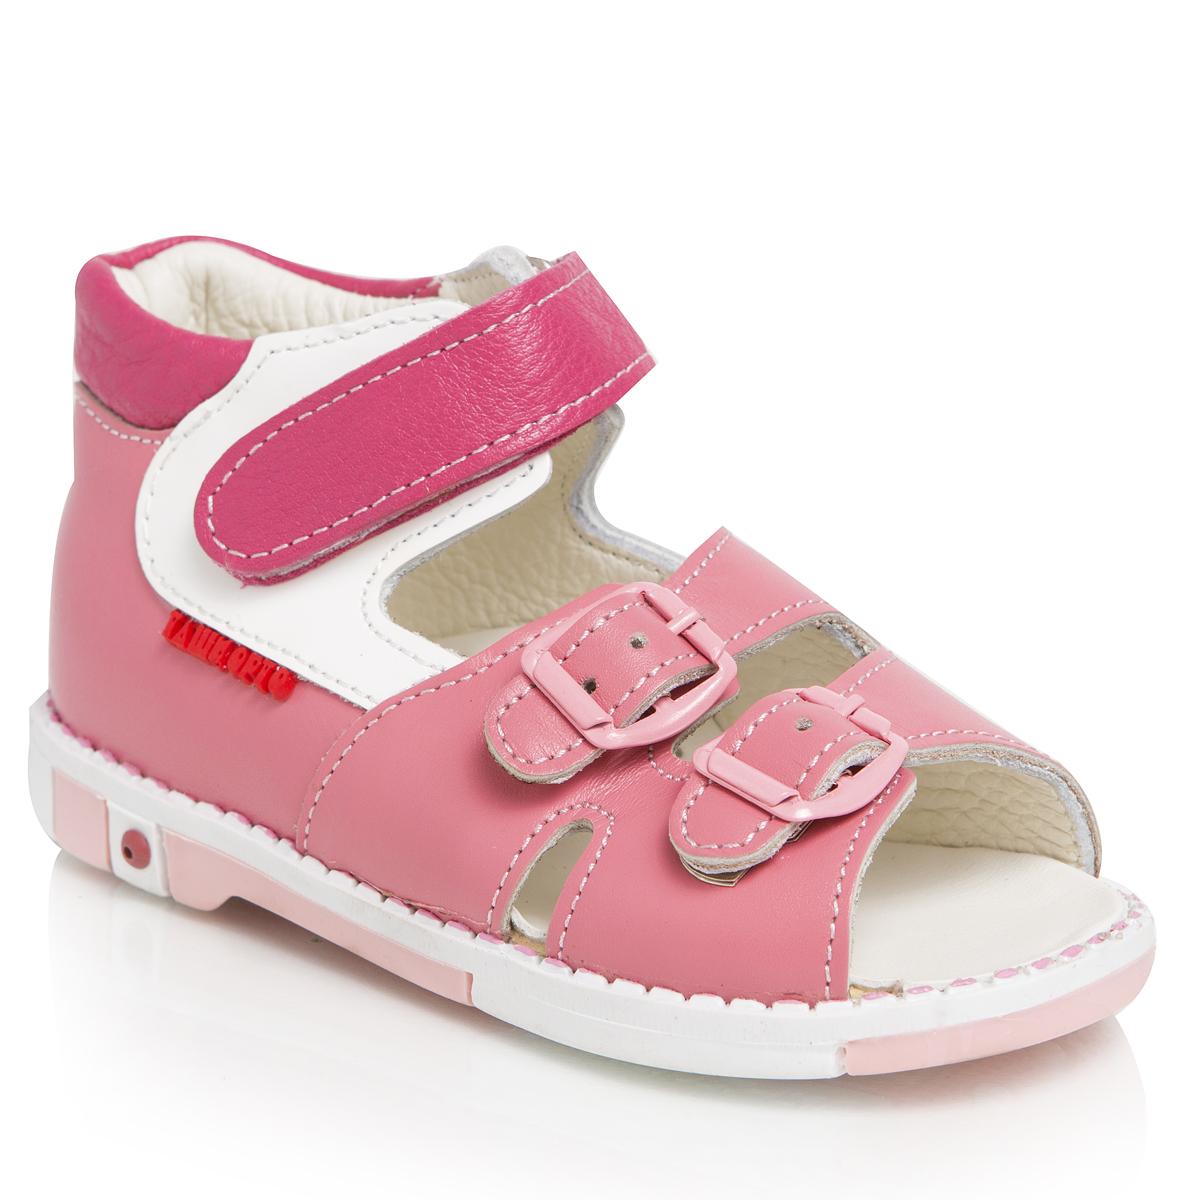 Сандалии для девочек. 301-39301-39ТАШИ ОРТО - детская профилактическая ортопедическая обувь массового производства. Ее можно носить не только детям с признаками плоскостопия и косолапия , но и для профилактики подобных отклонений. А многим детям ортопедическая обувь НЕОБХОДИМА для коррекции стопы, исправления походки и осанки.